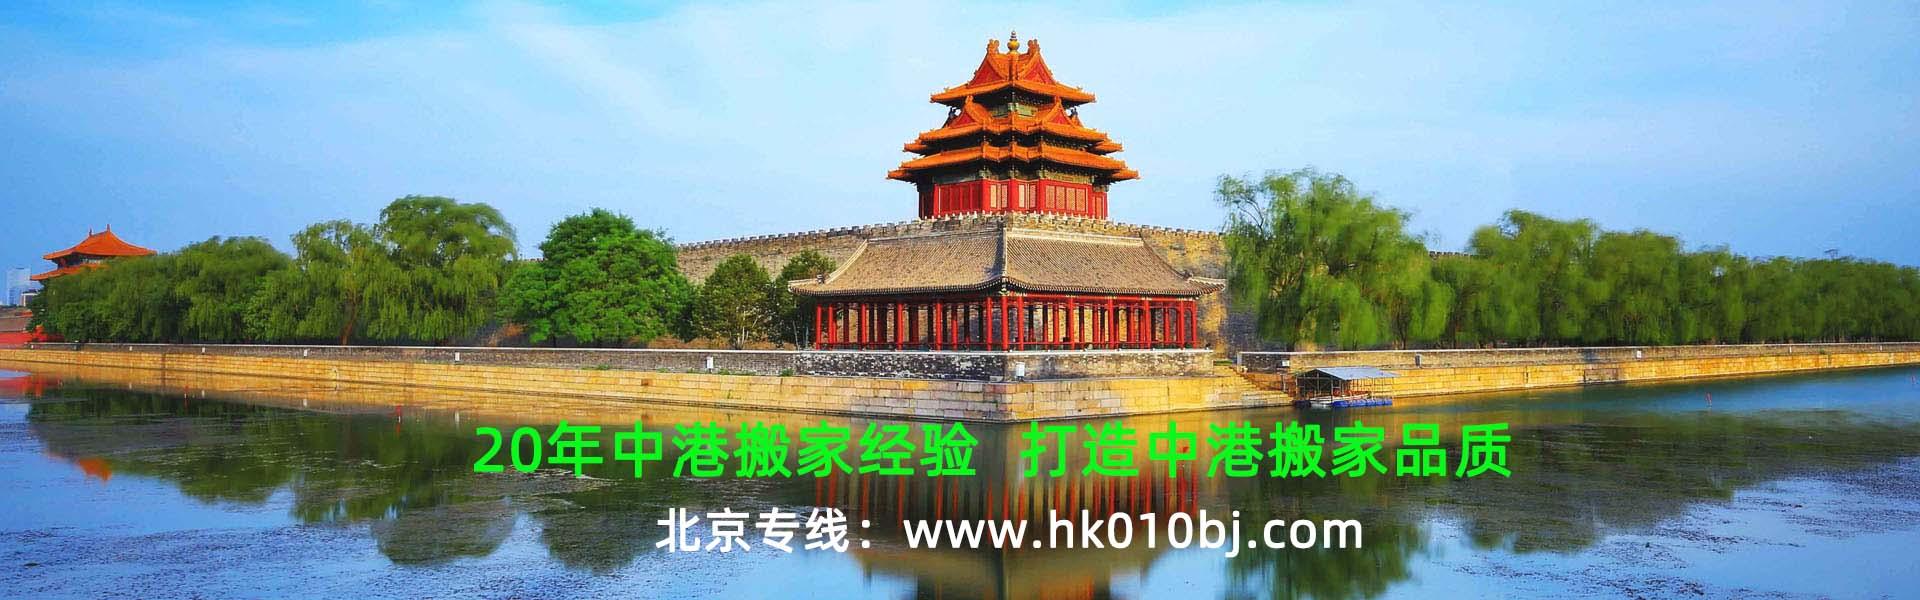 北京搬家到香港